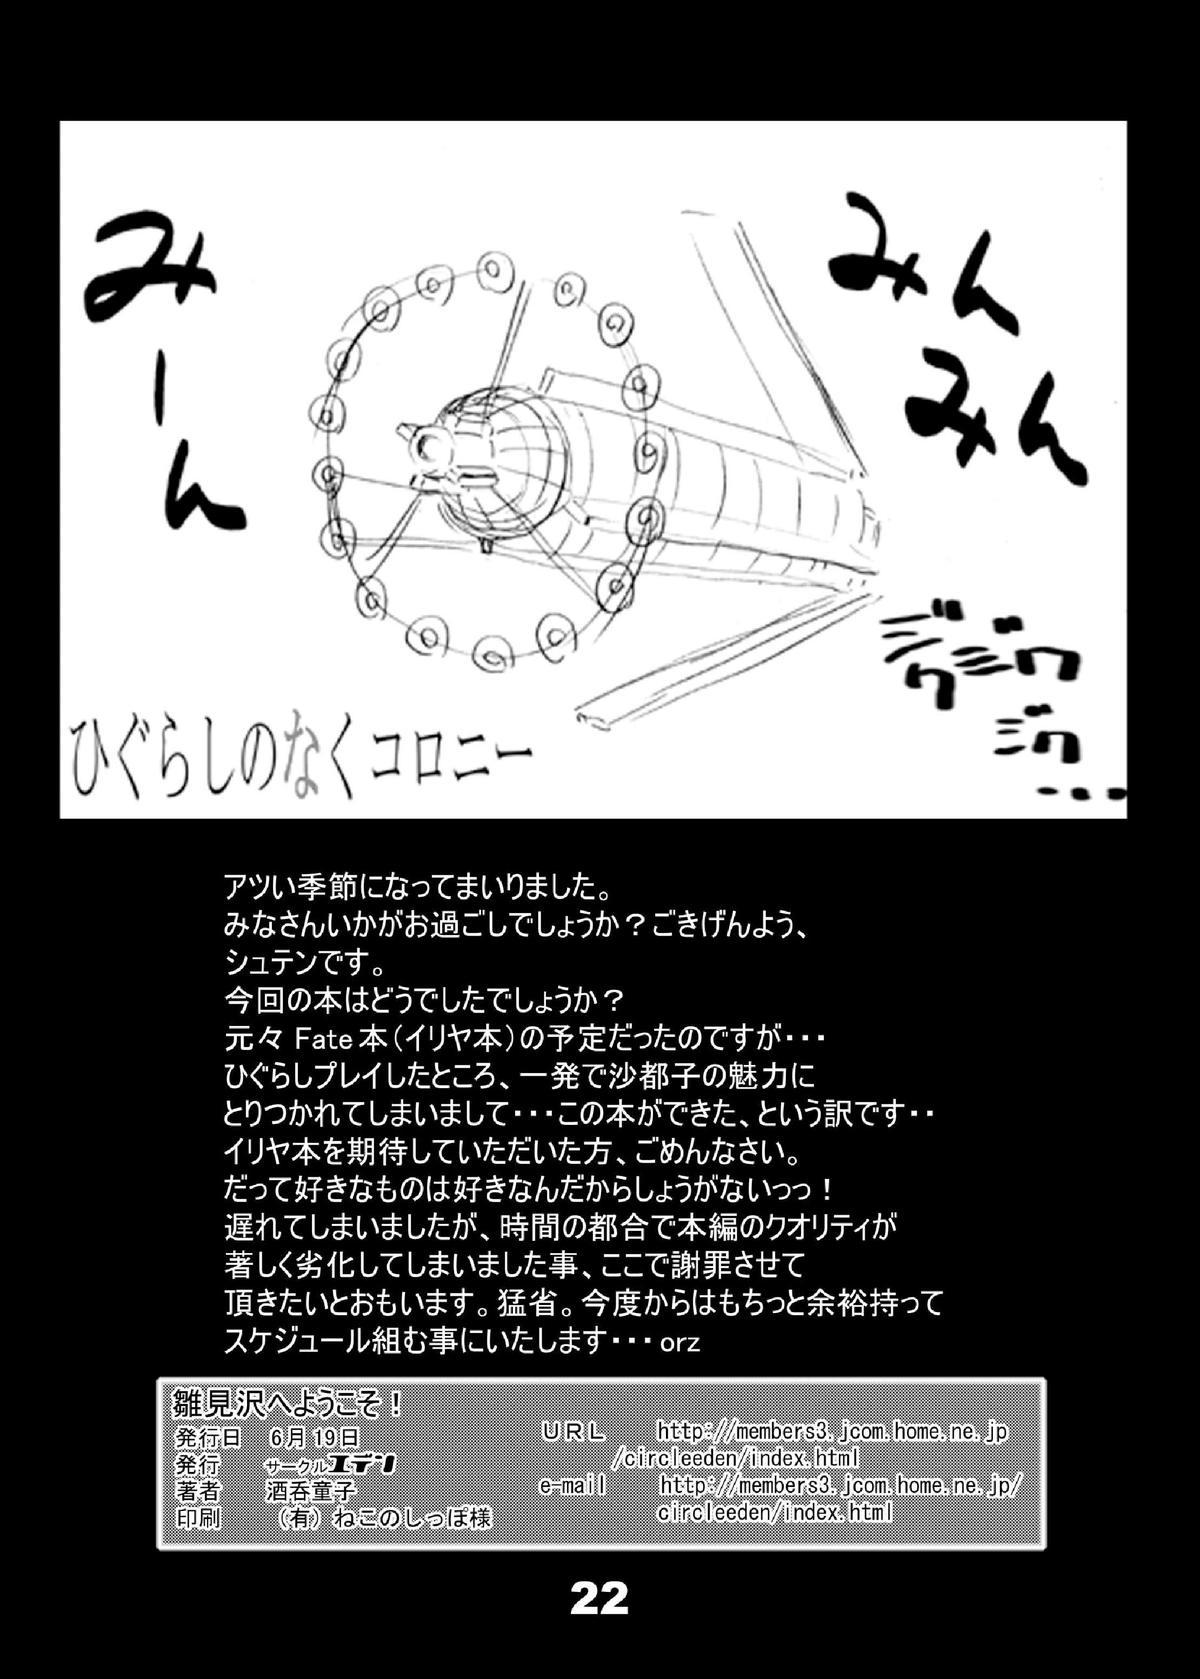 Hinamizawa e Youkoso! - Welcome to Hinamizawa! 21